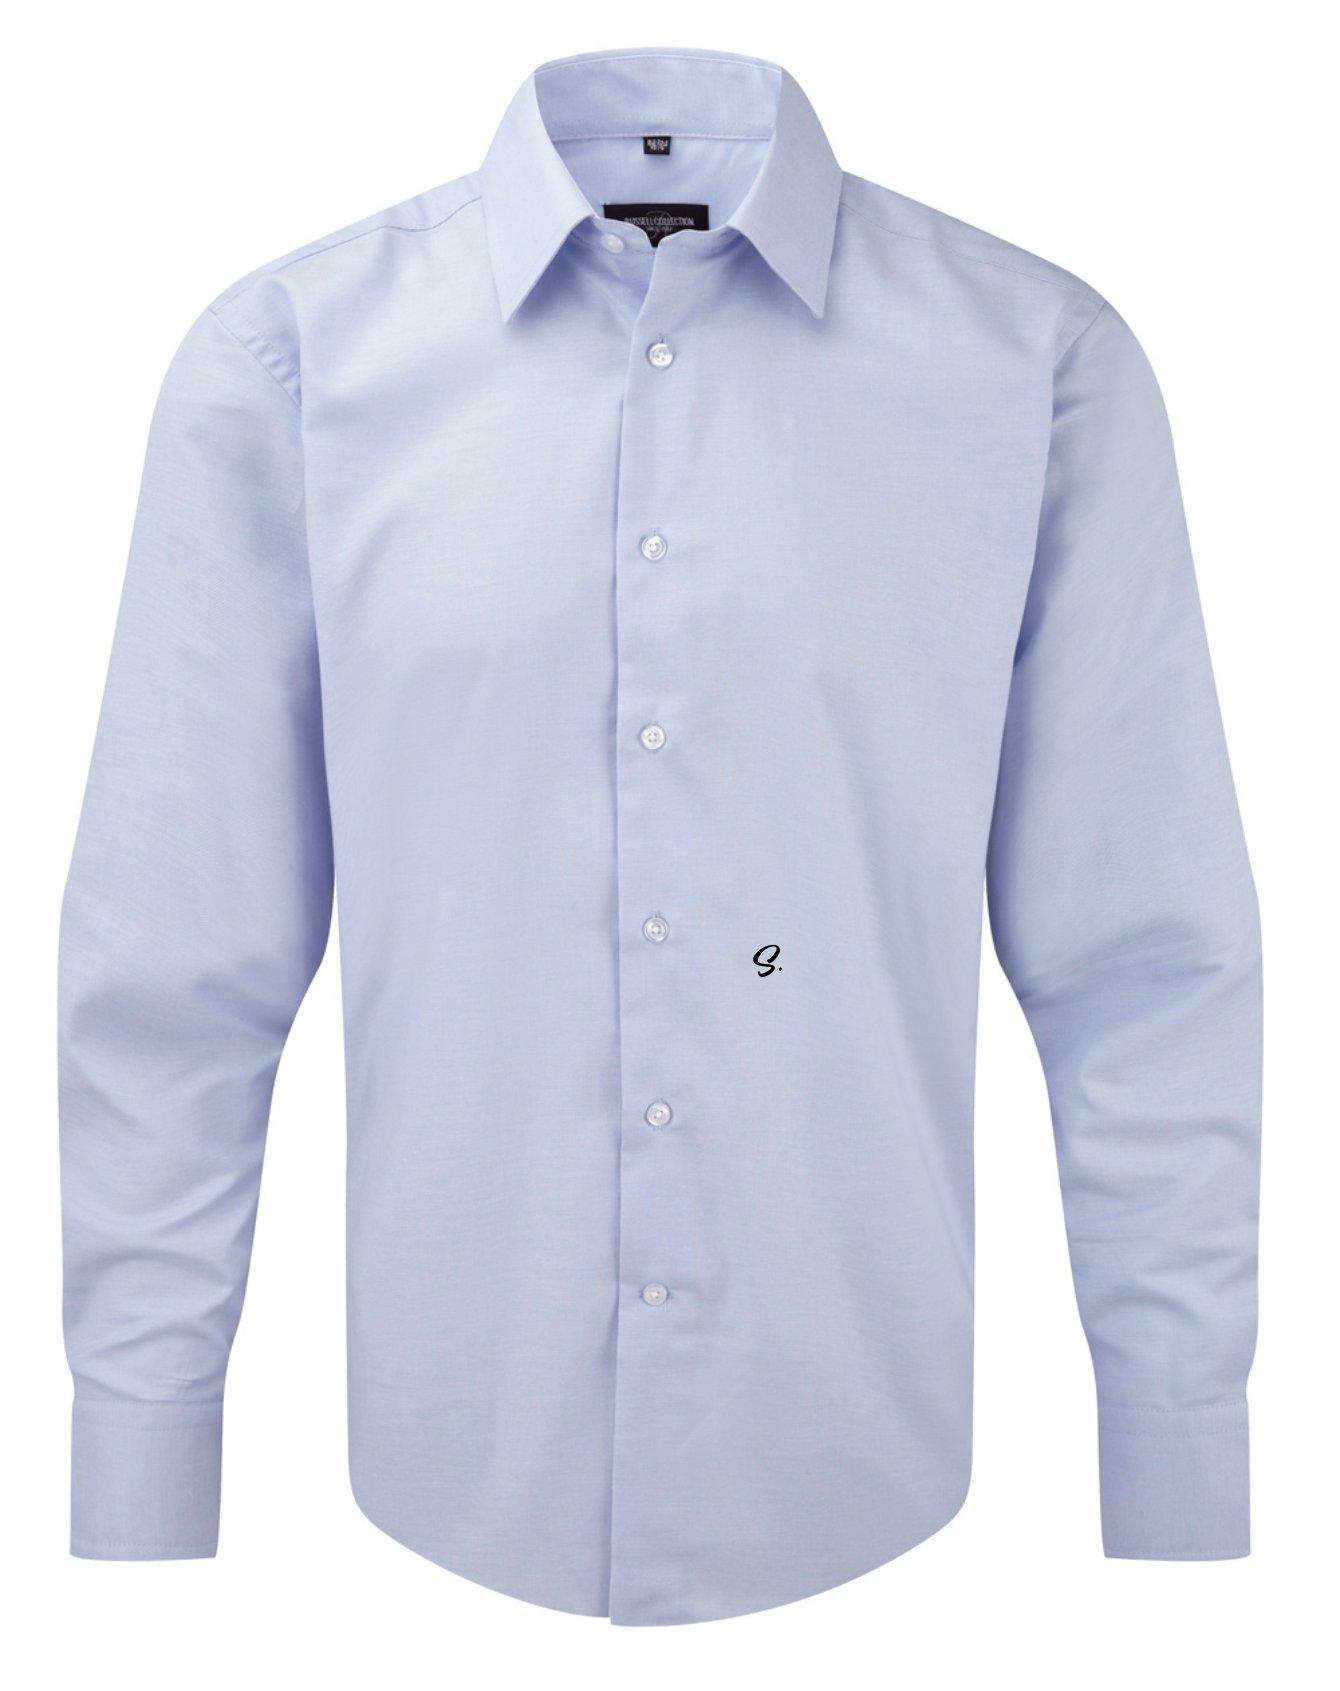 CAMICIA JE922M CON INIZIALE RICAMATA  S  Men's Long Sleeve Tailored Oxford Shirt - Tutte le taglie